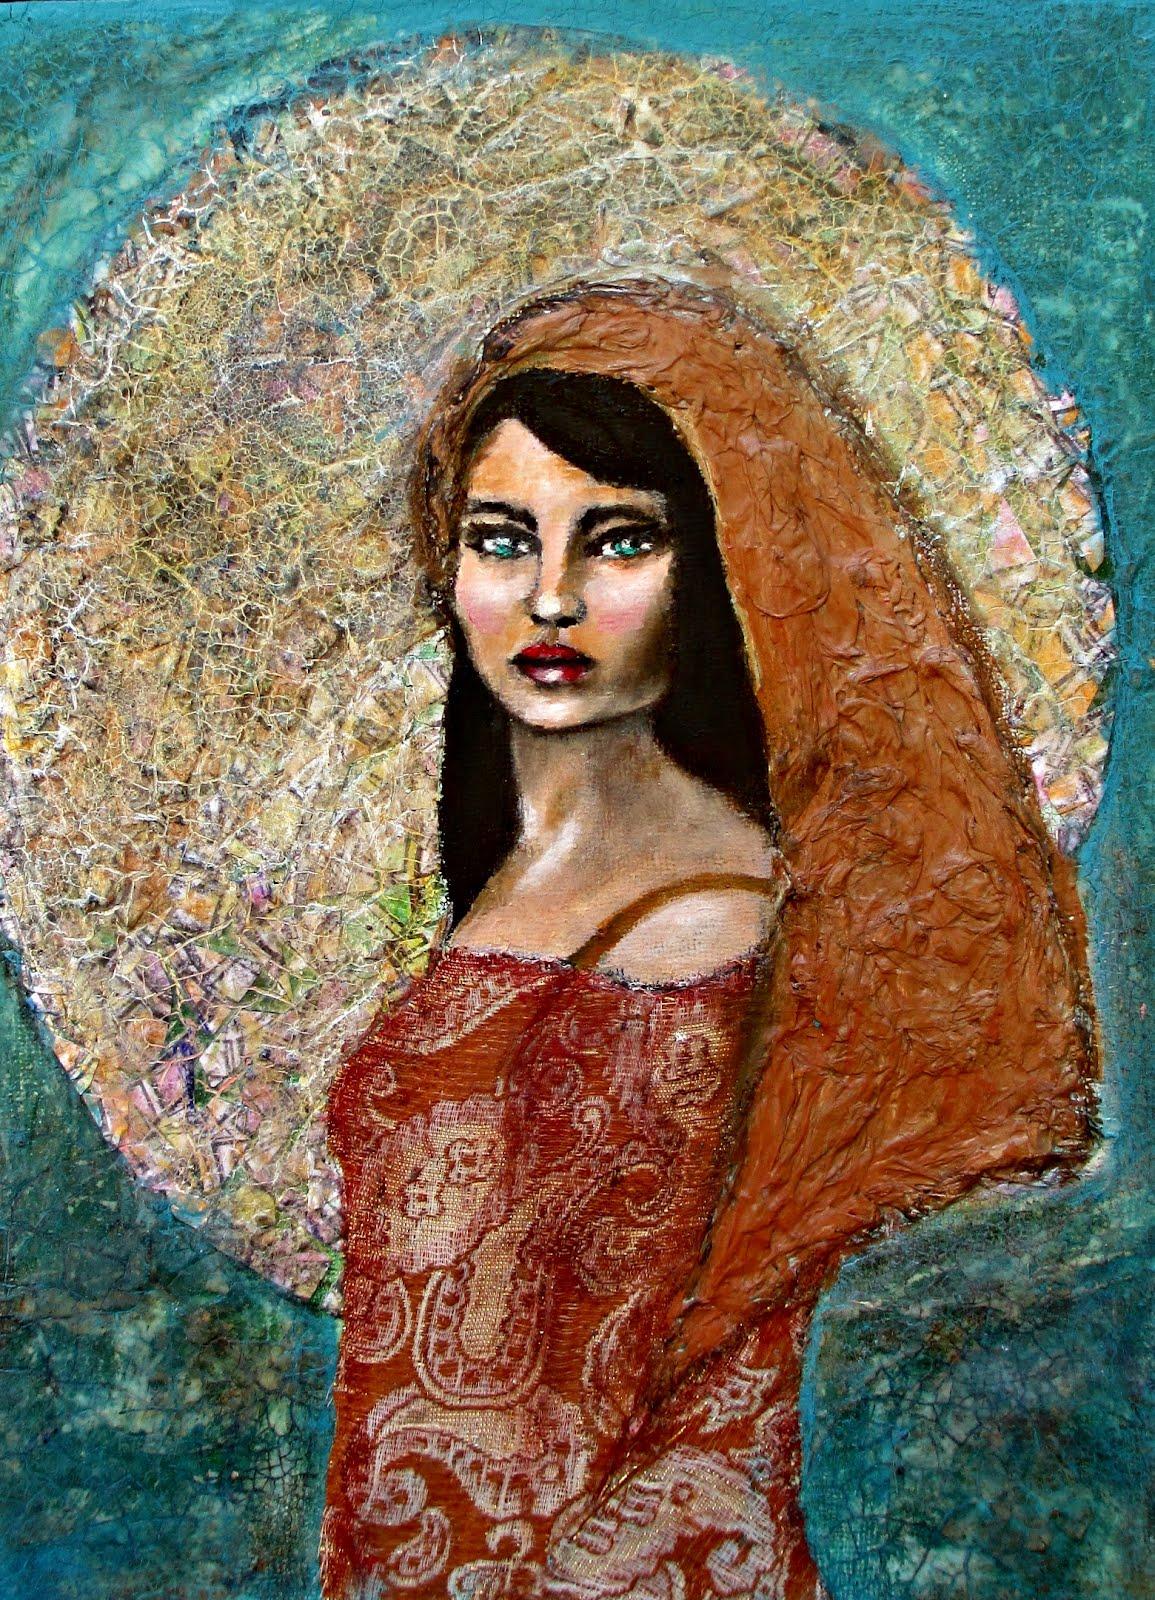 Healing Woman: GYPSY MOON